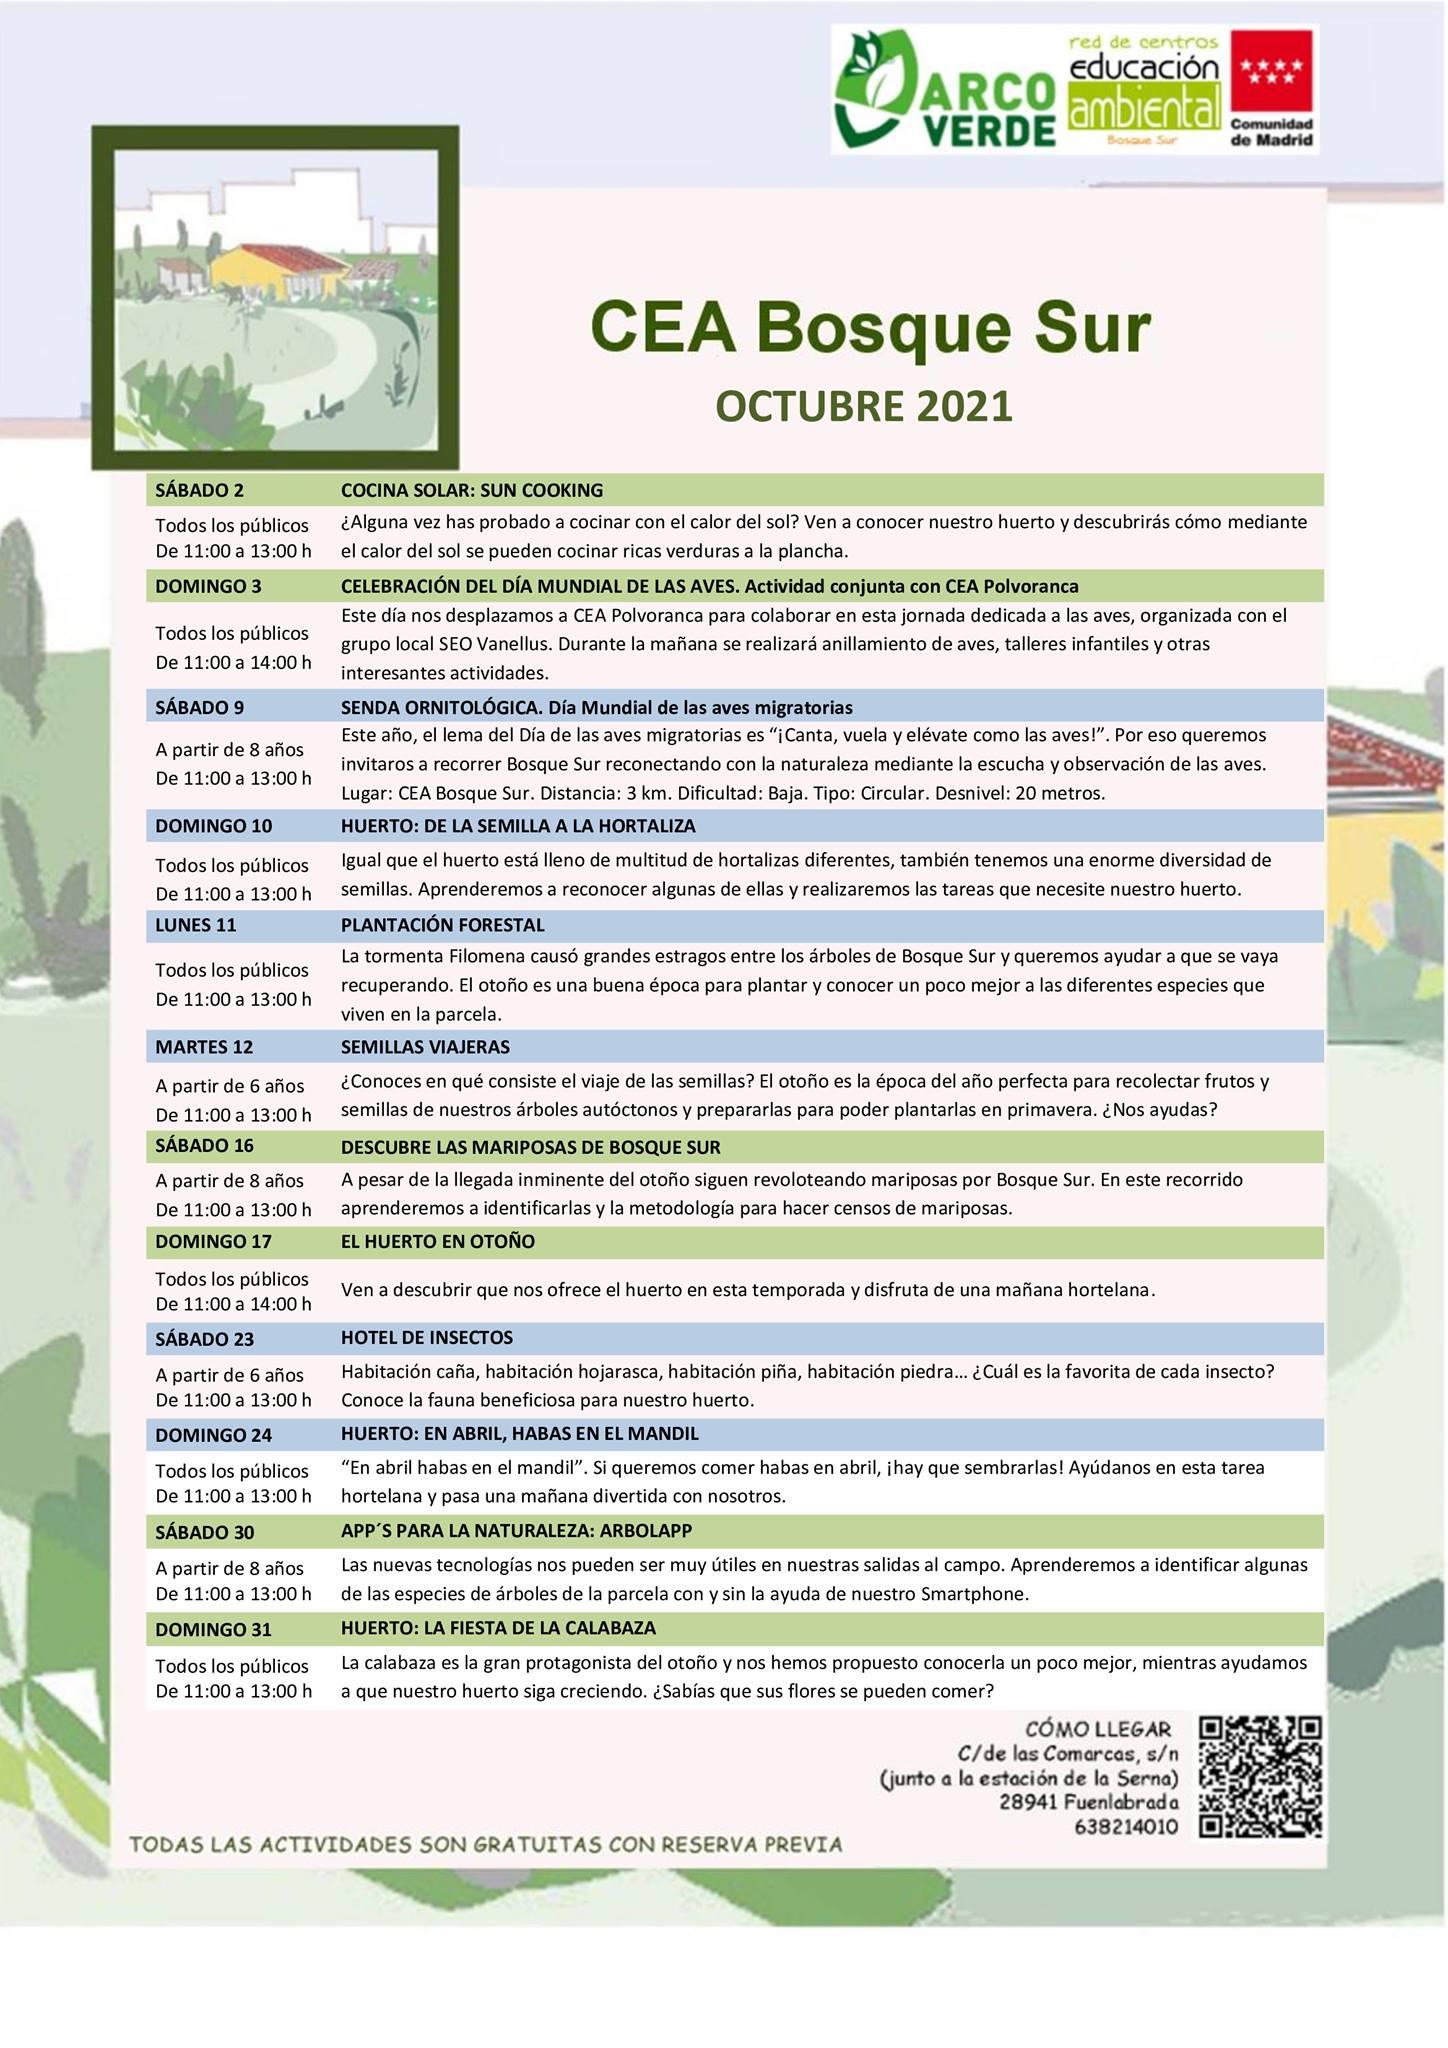 Programación de octubre 2021 en el CEA Bosque Sur